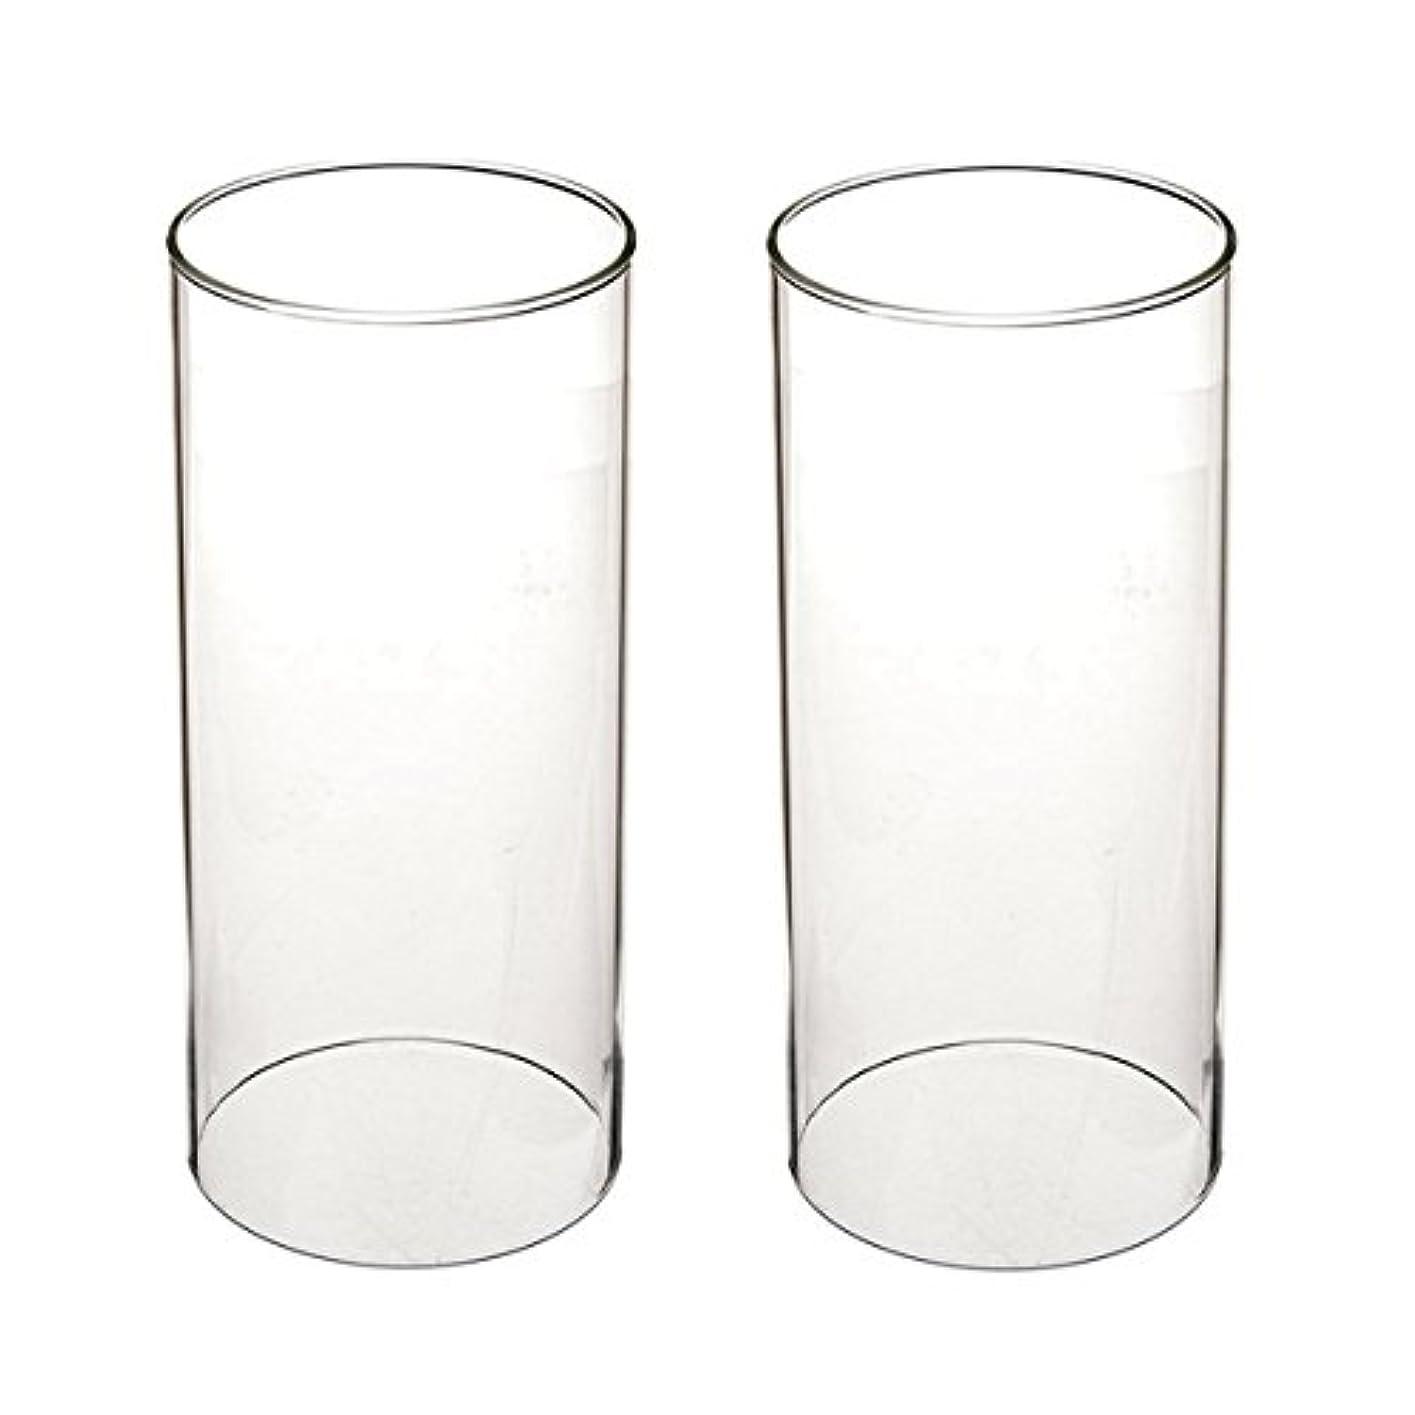 バーベキューあいにく強制ガラス煙突for Candleオープンエンド、ホウケイ酸ガラス( d3 h8